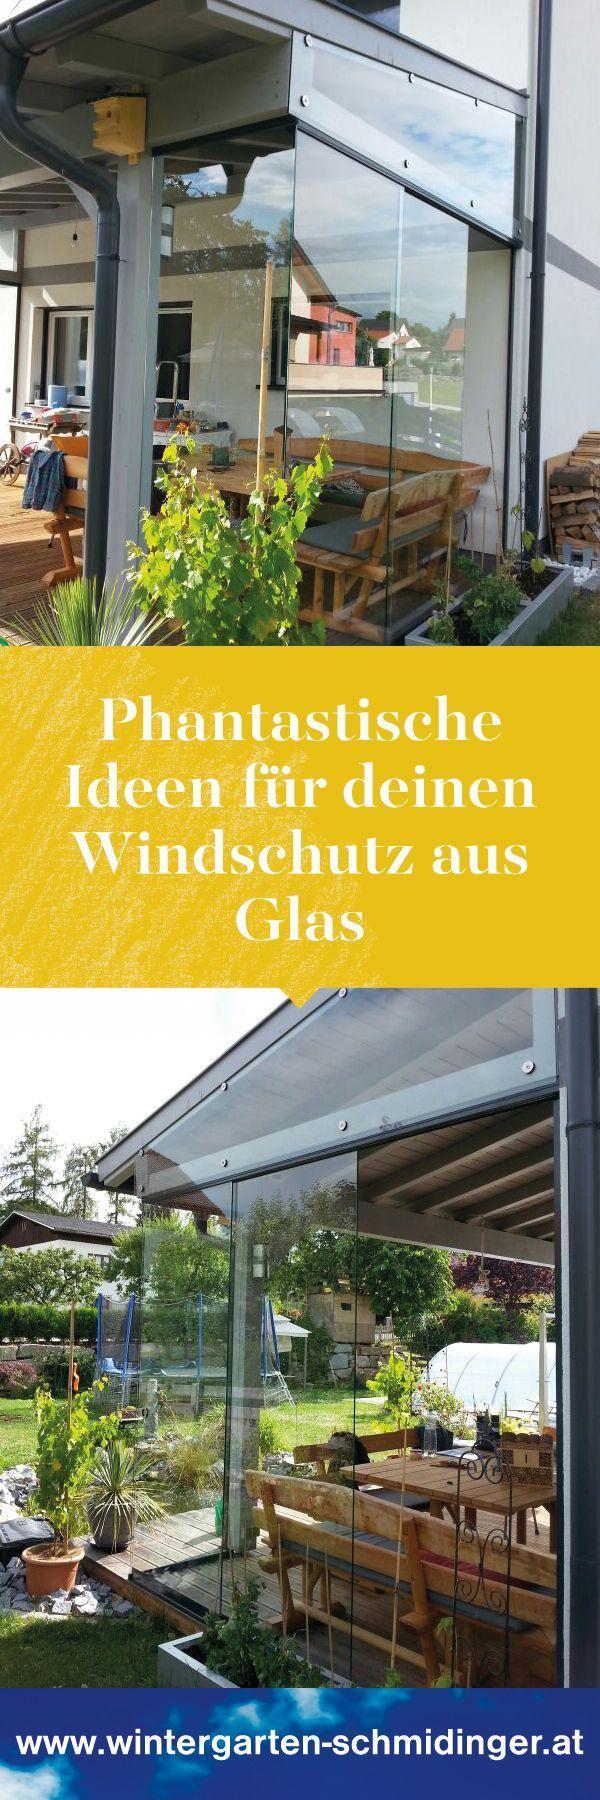 Fantastische Ideen für Ihren Sommergarten oder Glas für Ihre Terrasse …   – Anbau Ideen